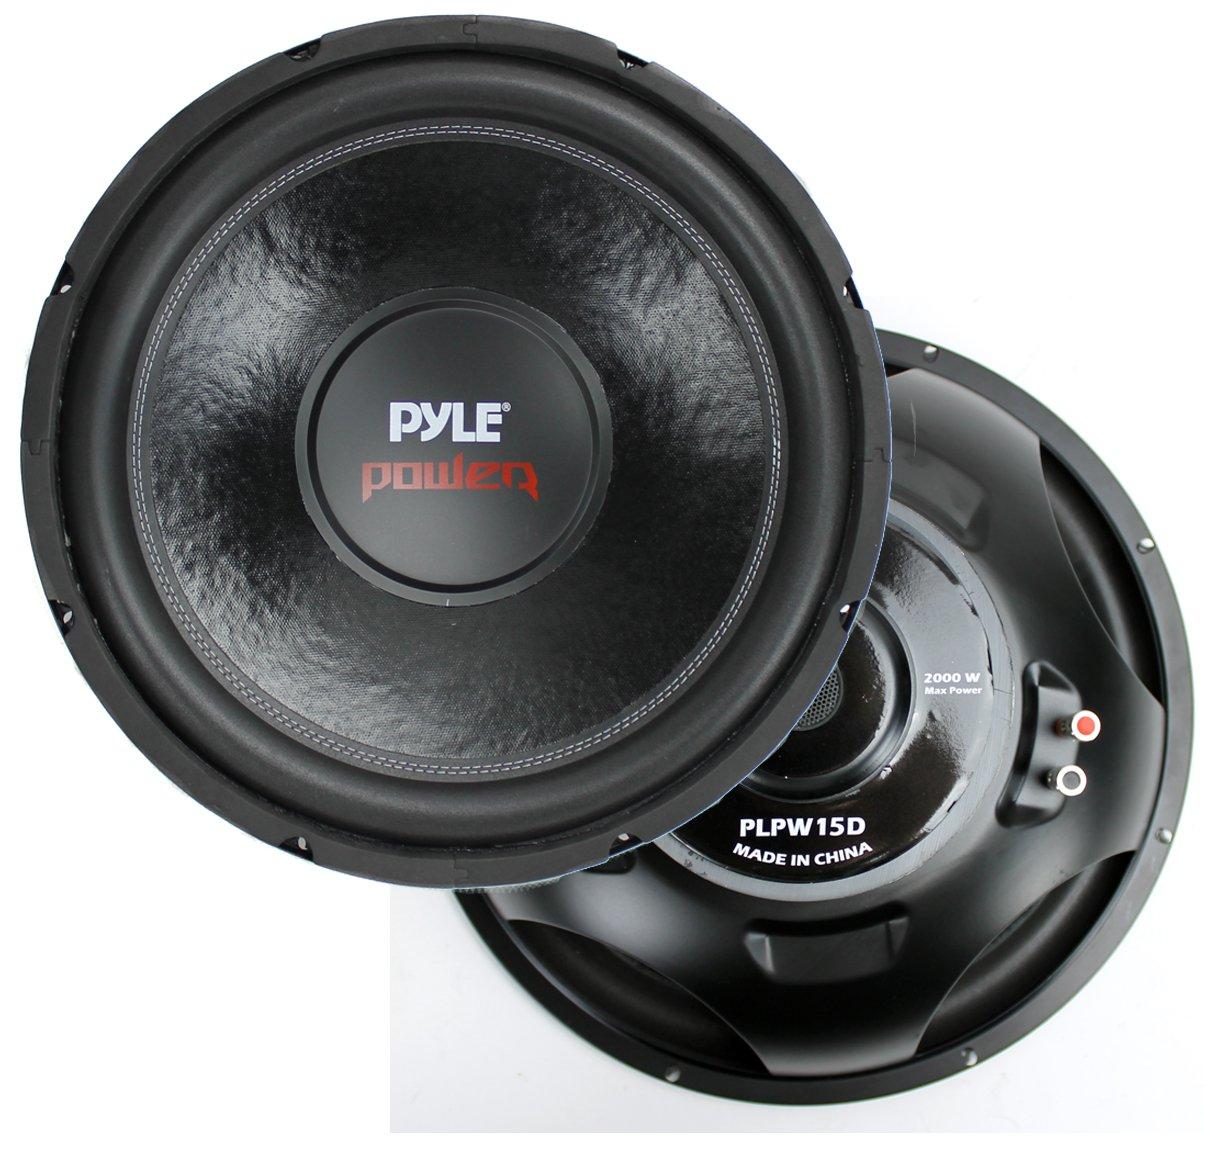 """2) New Pyle PLPW15D 15"""" 2000 Watt 4-Ohm DVC Power Car Audio Subwoofer Sub Woofer"""